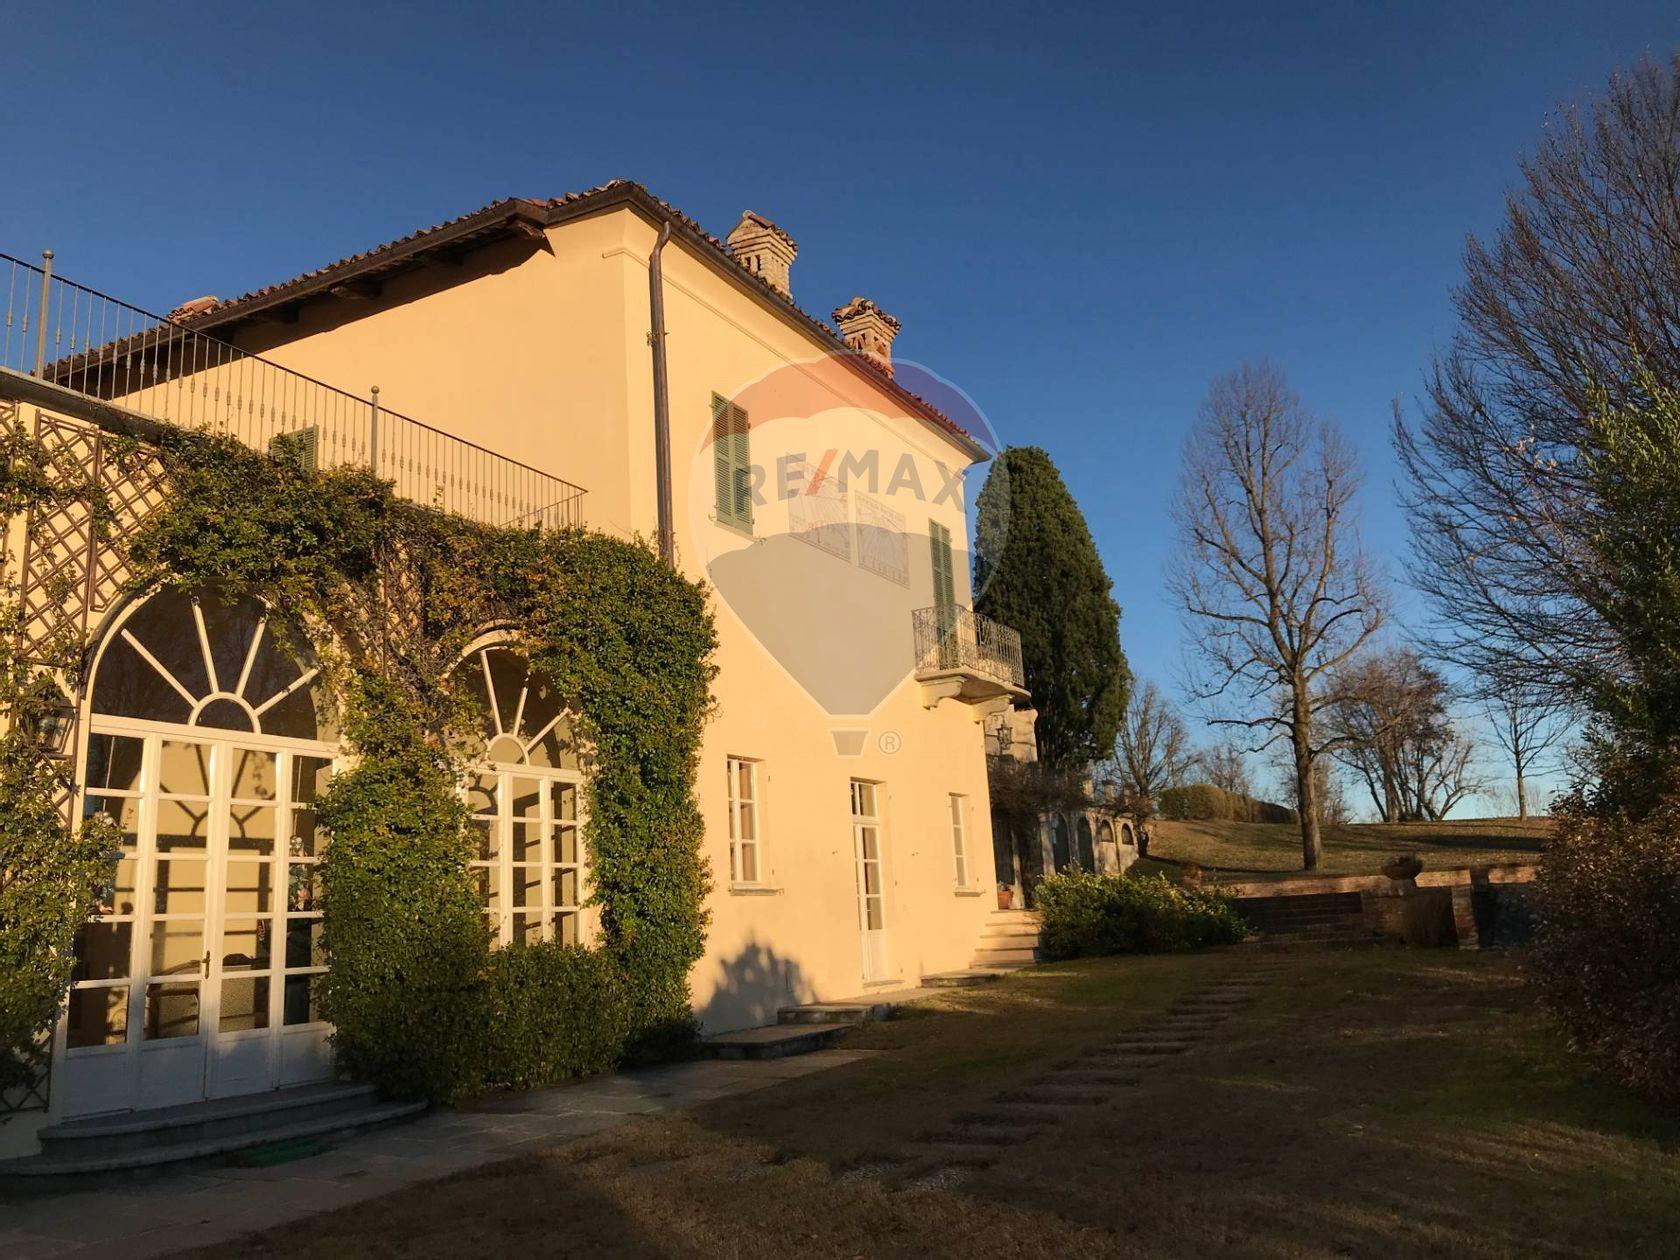 Appartamento Avuglione, Marentino, TO Vendita - Foto 35